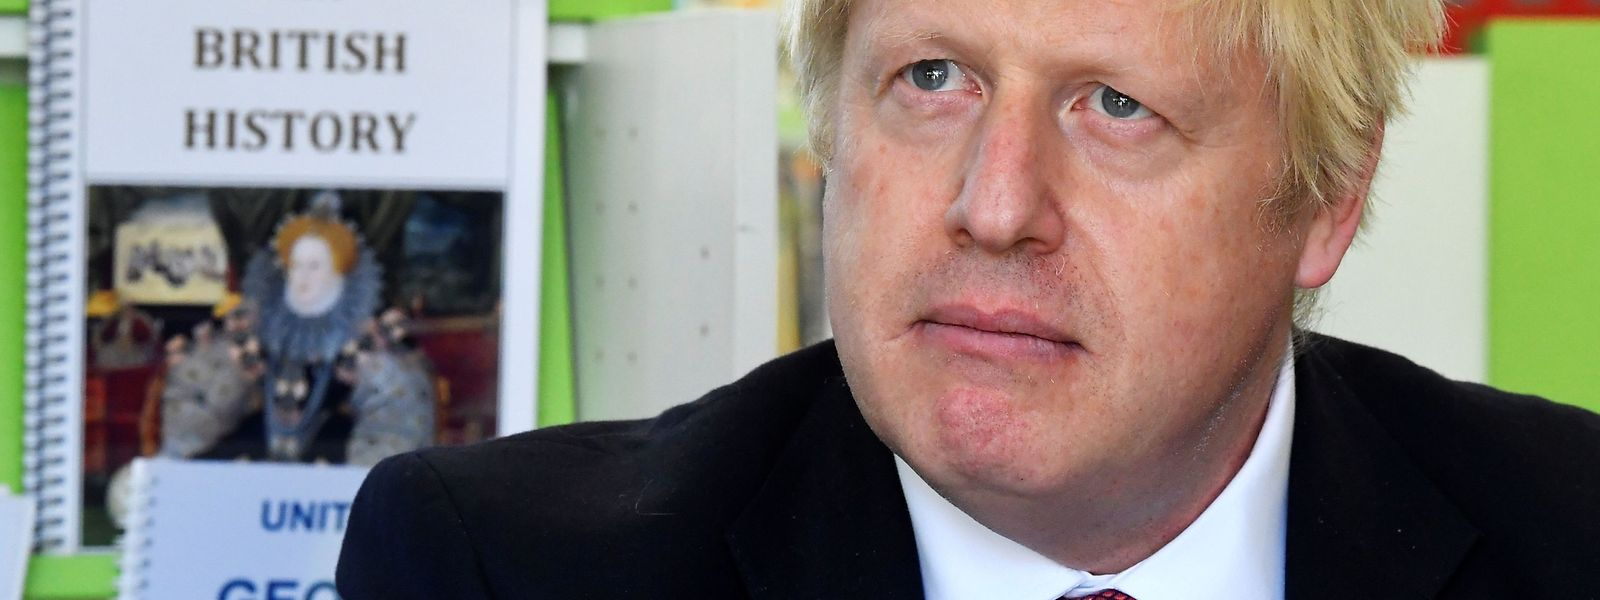 Boris Johnson hat mit der von ihm verordneten Suspendierung des Parlaments gegen die Verfassung verstoßen, so das schottische Berufungsgericht.